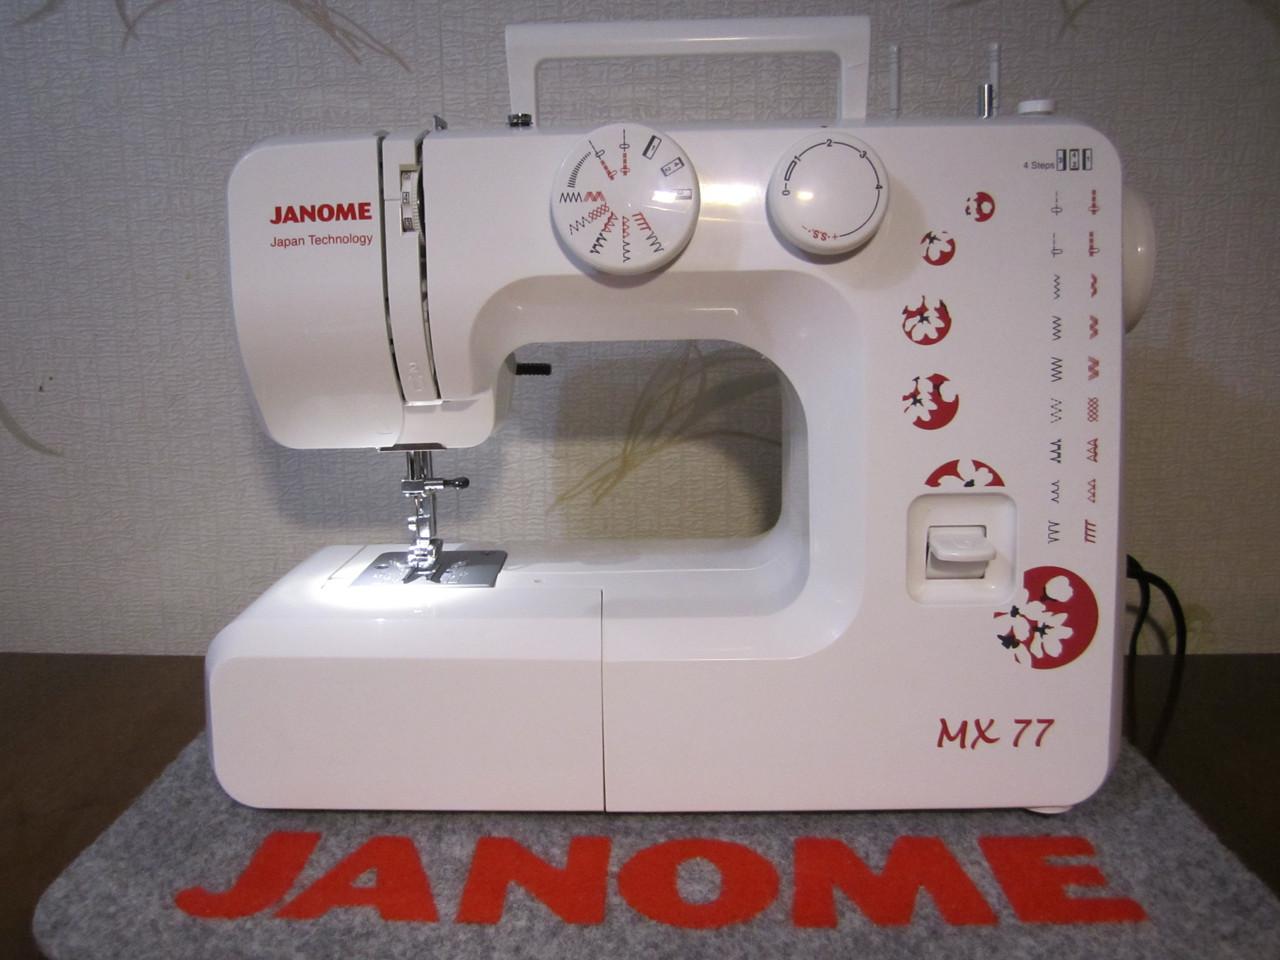 Janome MX 77 Швейная машинка